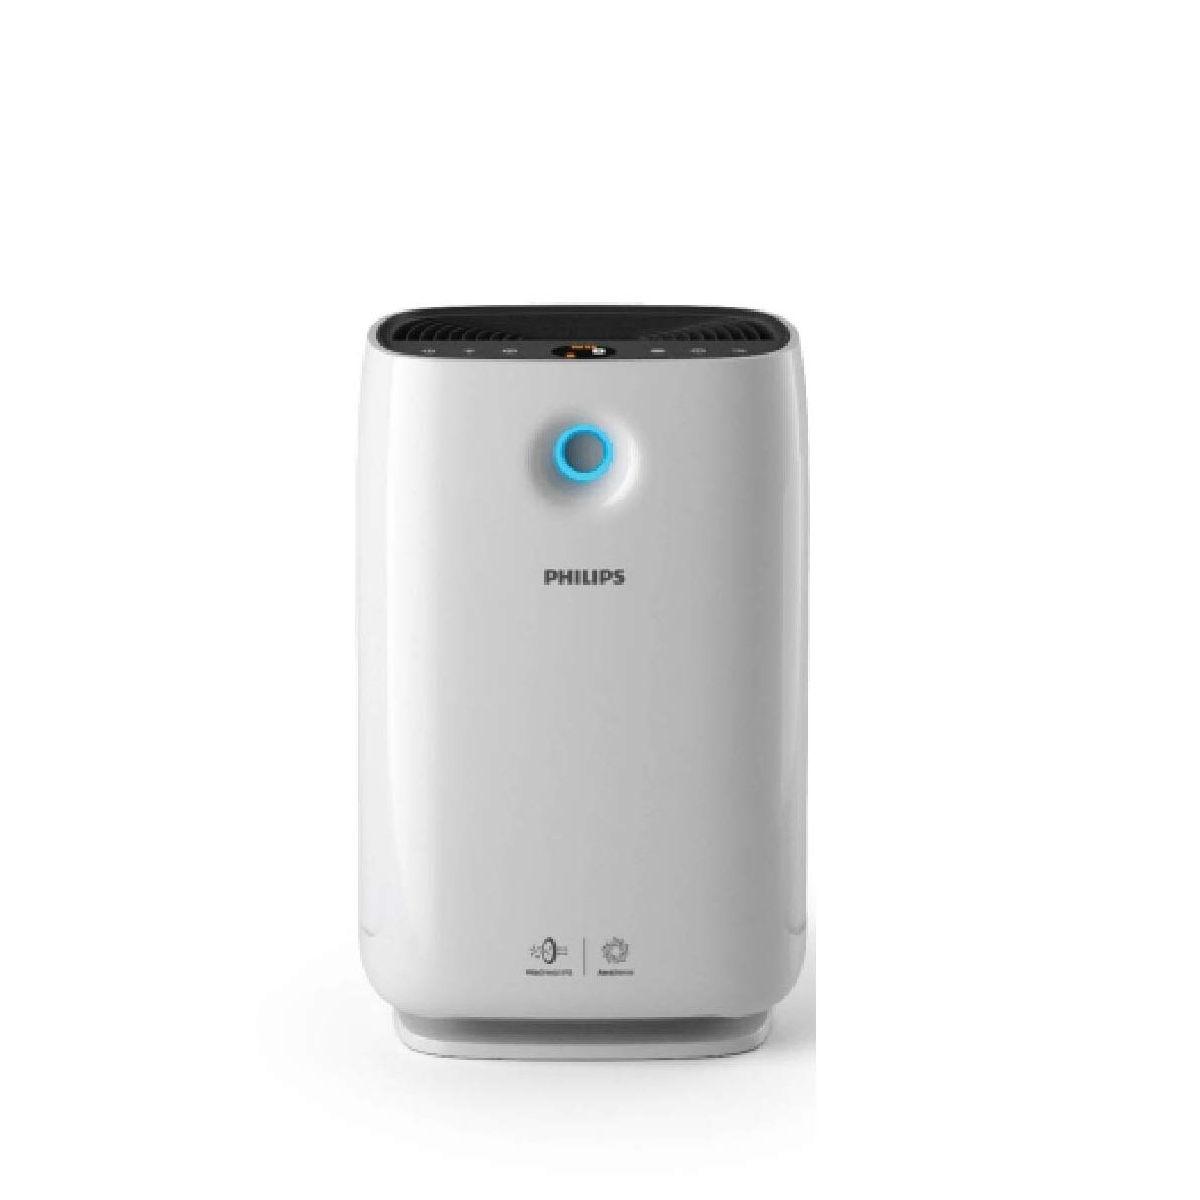 ఫిలిప్స్ AC2887/20 WITH PM2.5 ప్రదర్శన Portable Air Purifier ( White )